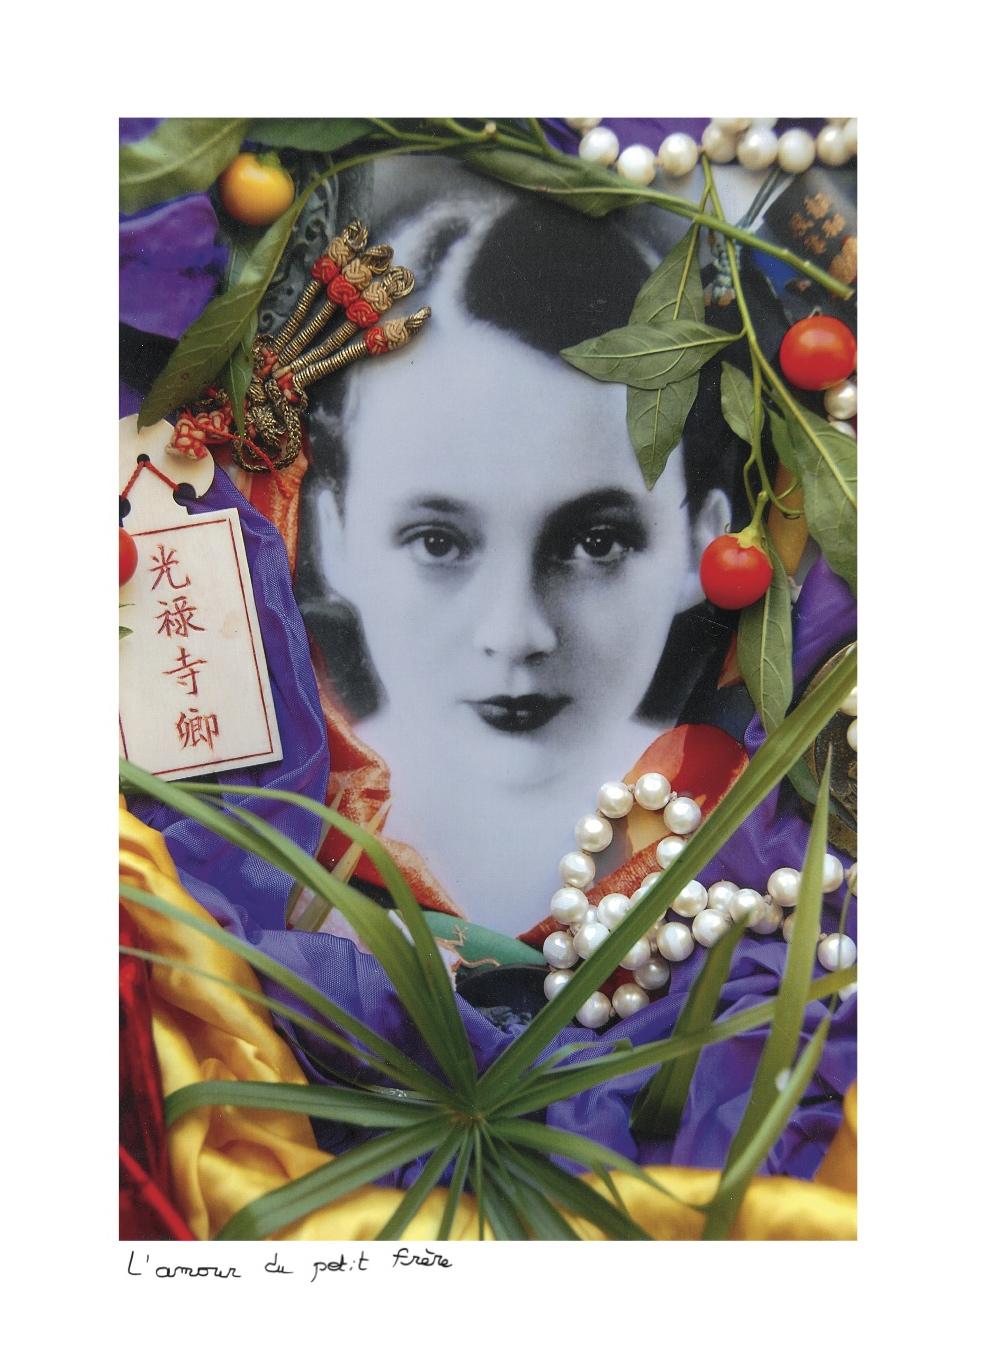 Christine Spengler - Hommage à Marguerite Duras - L'Amour du petit frère